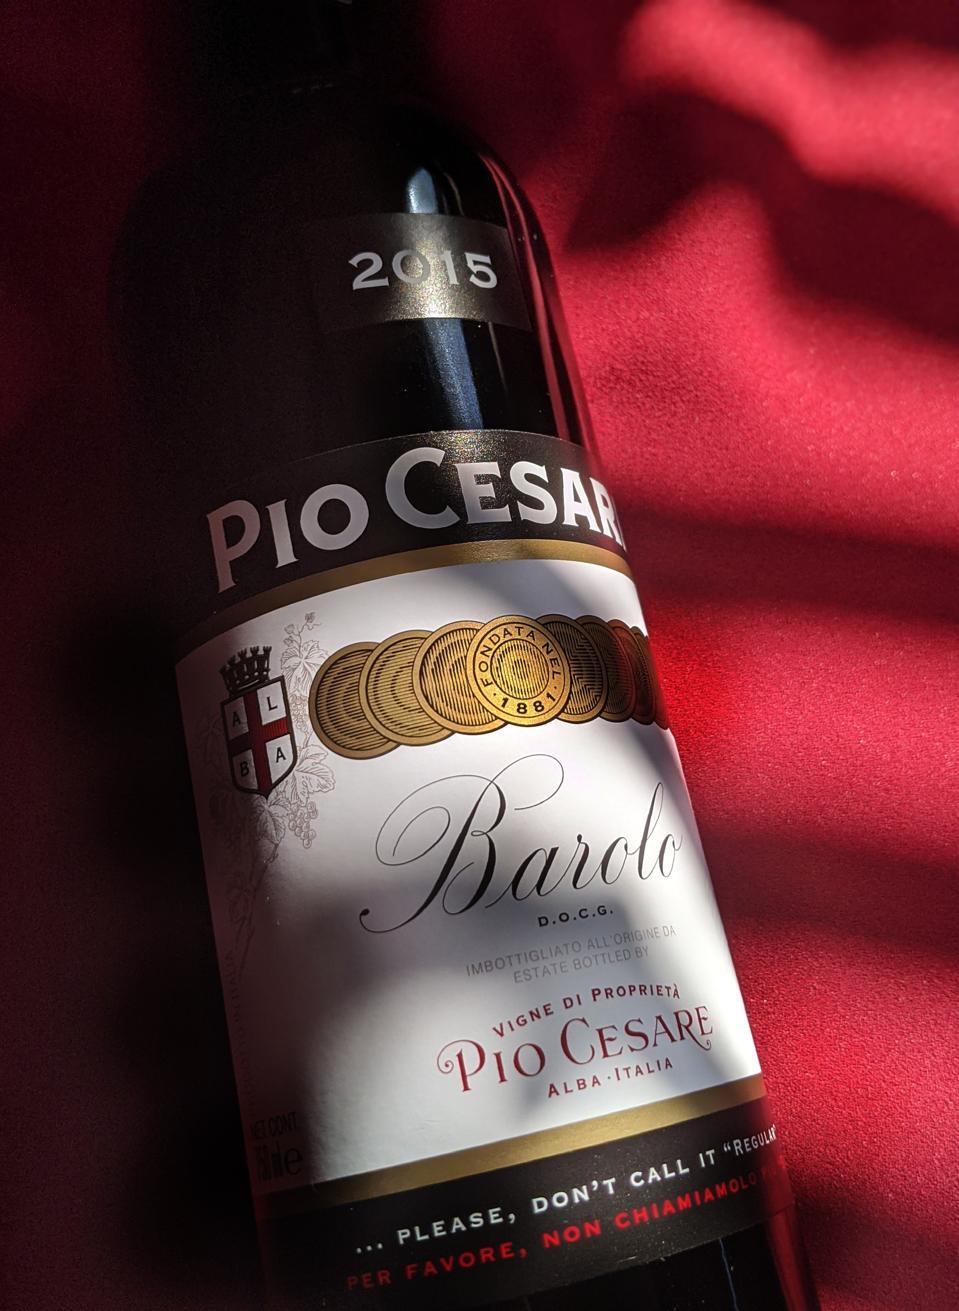 2015 Pio Cesare Barolo